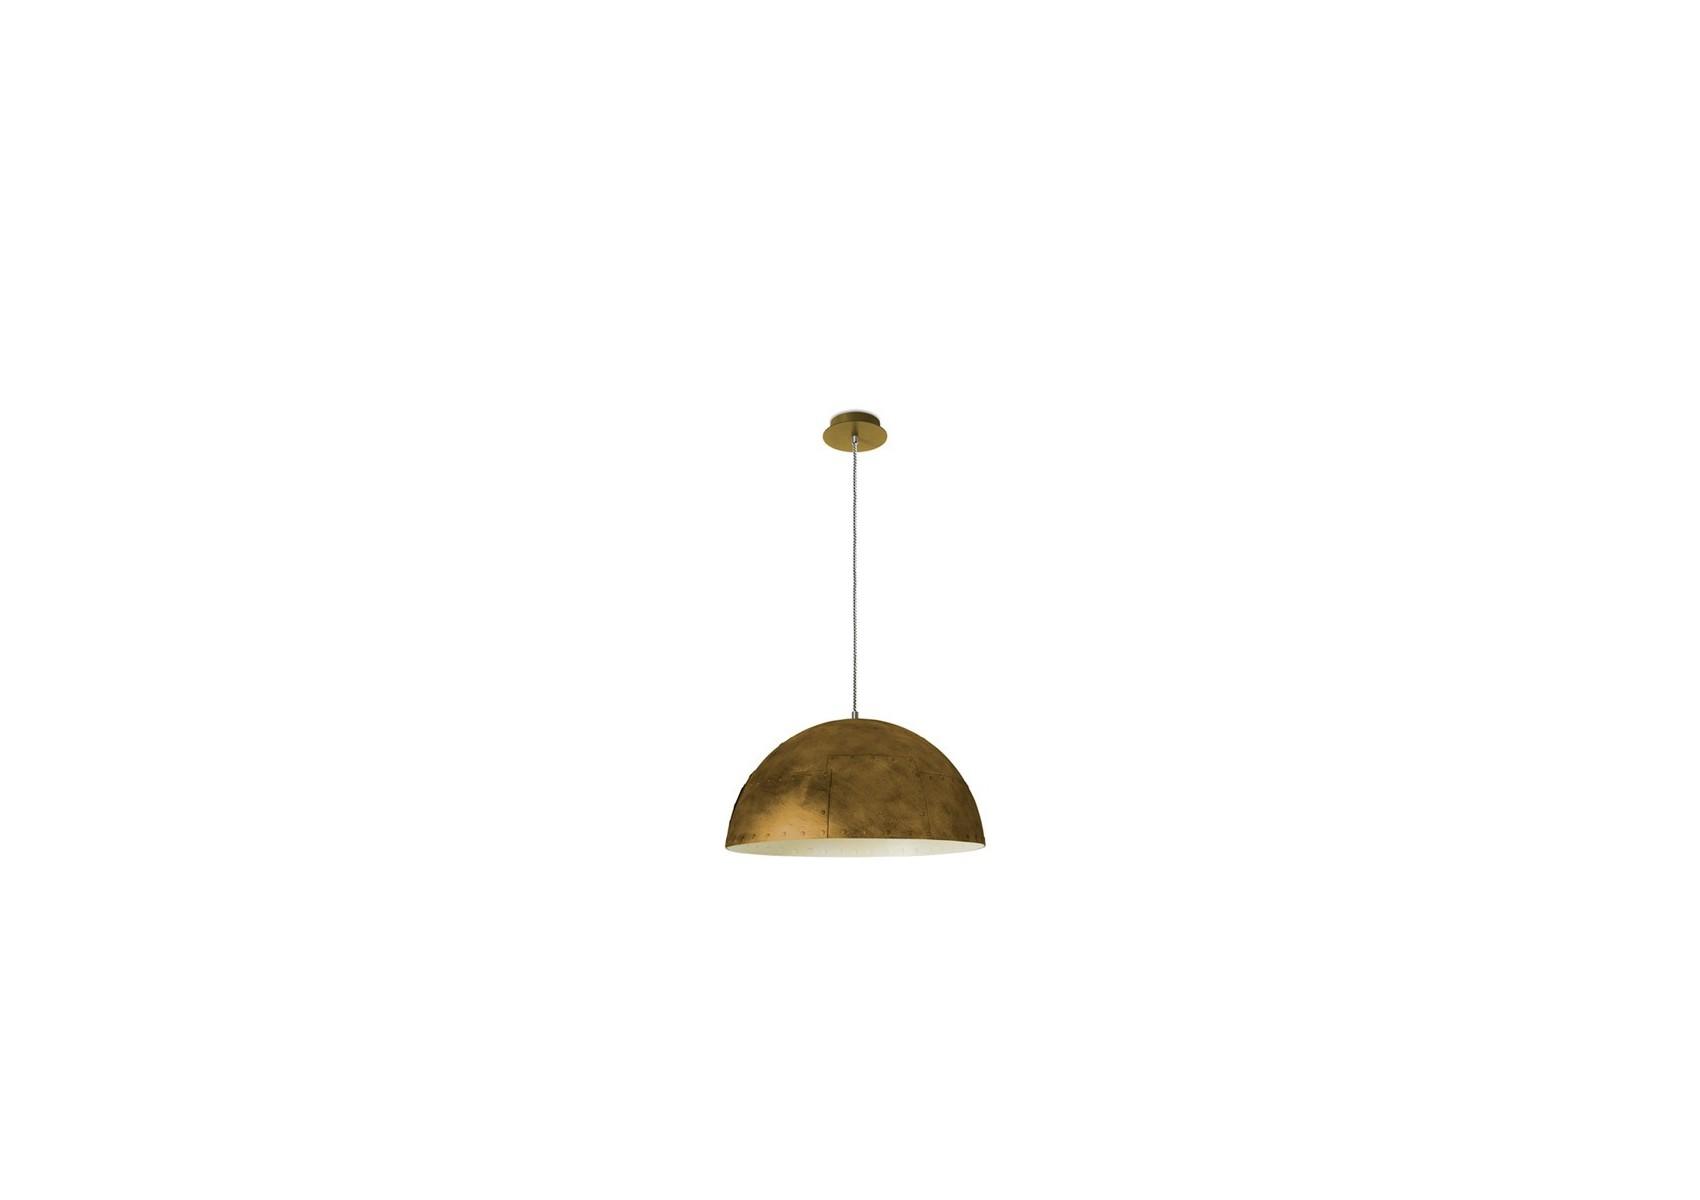 grande suspension design neo boite design. Black Bedroom Furniture Sets. Home Design Ideas